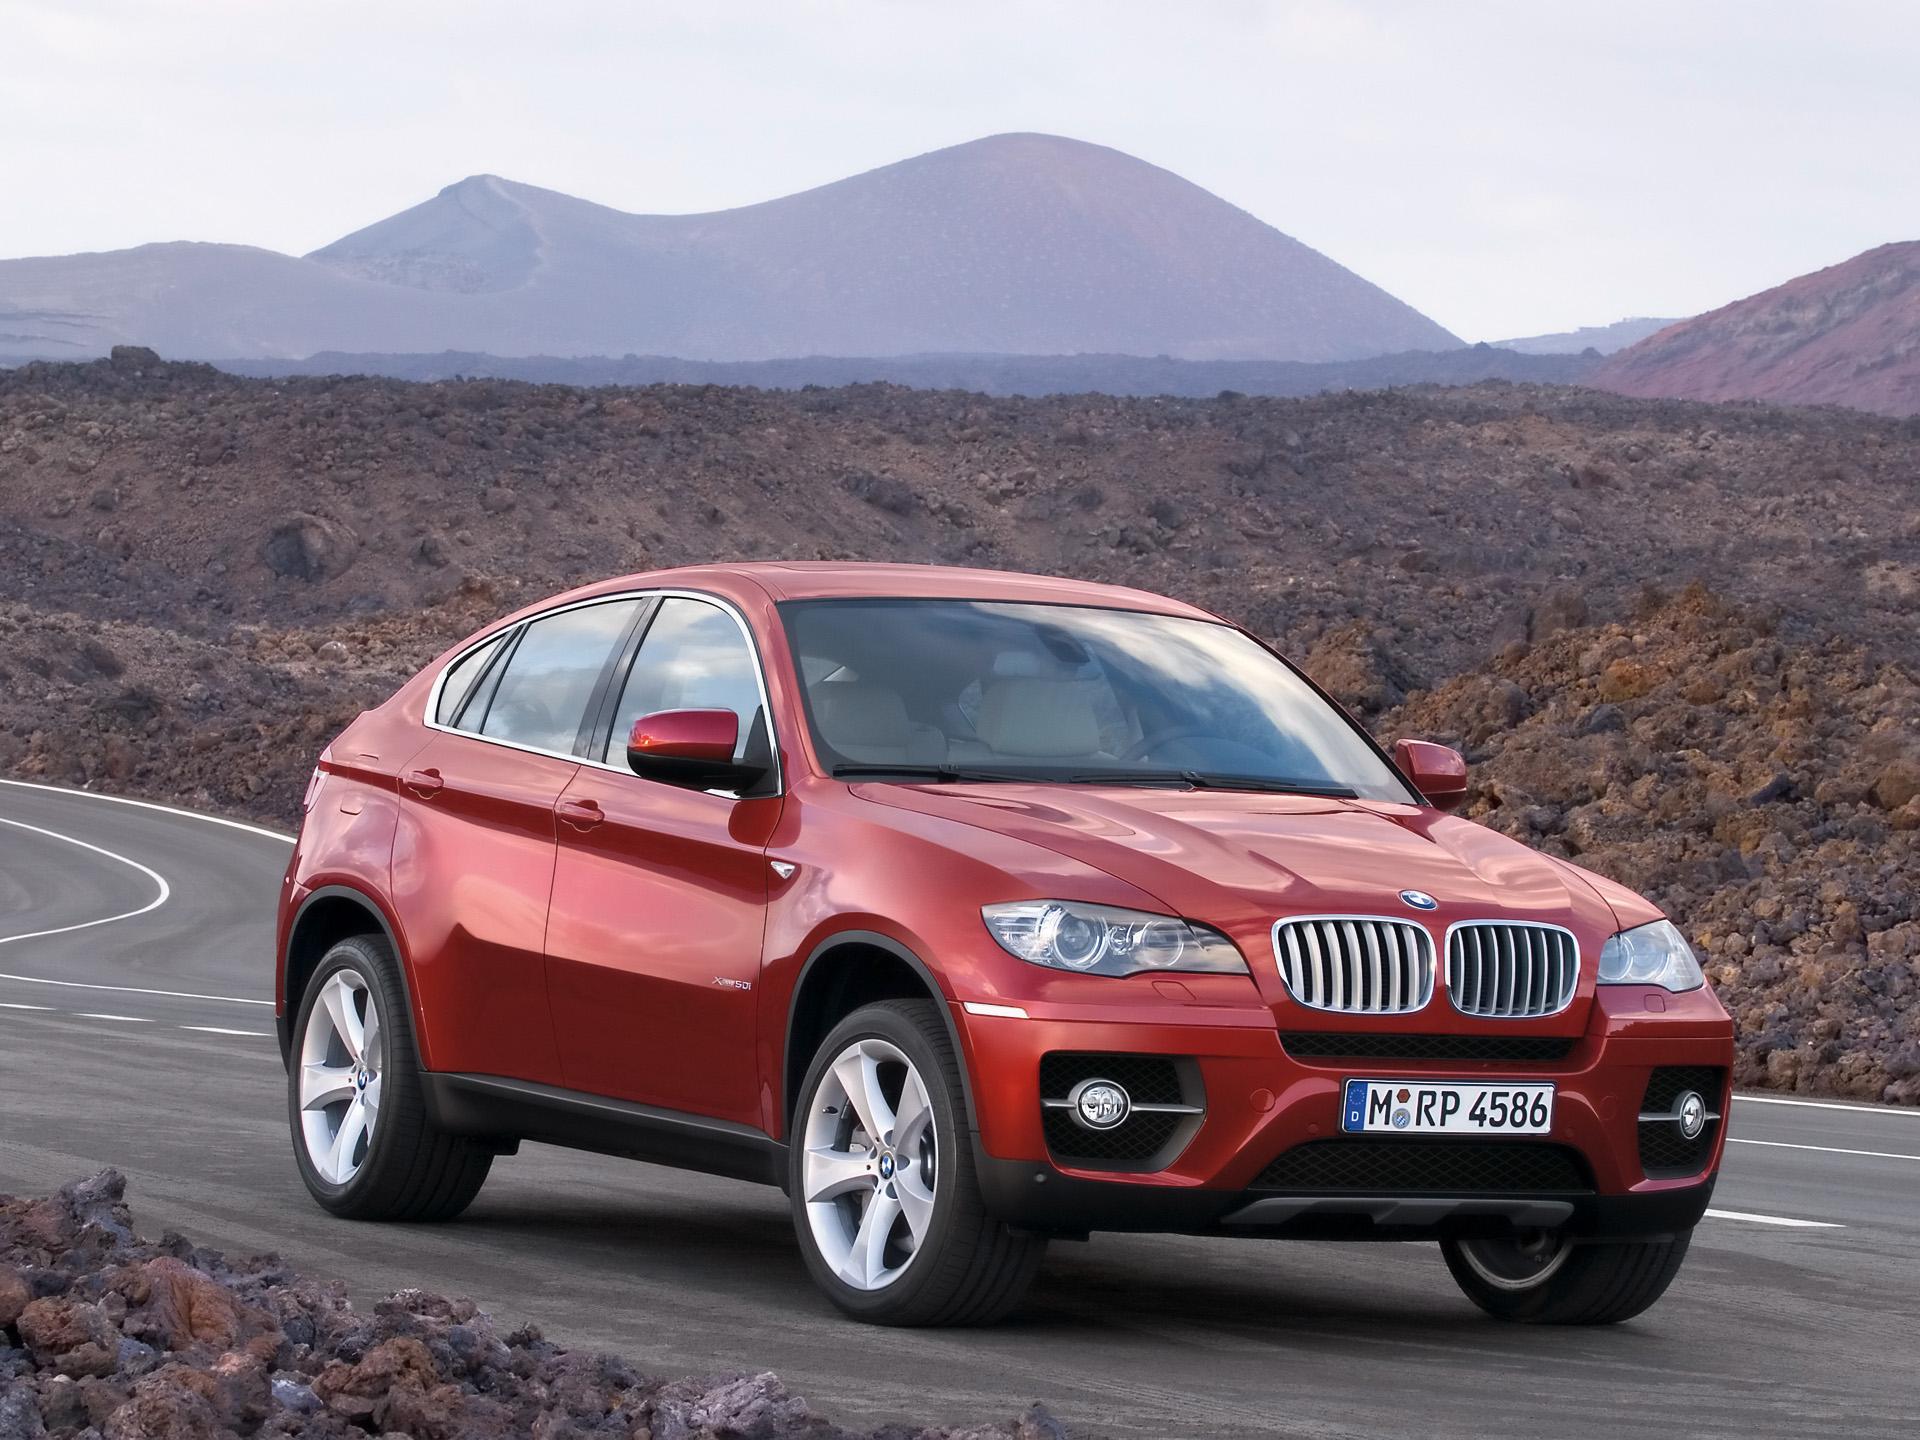 Vue de 3/4 avant de la BMX X6 xDrive50i.<br>Les différences les plus importantes avec le concept car BMW Concept X6 sont au niveau des montants de portières latéraux qui sont visibles (et bien visibles) et des rétroviseurs extérieurs quelconques. Les encadrements de fenêtres affleurant cassent la dynamique de la ligne et la fluidité de la silhouette de la BMX X6 xDrive50i. BMW aurait dû faire un effort et traduire en série l'intégralité du design de la BMX X6 xDrive50i.<br>Néanmoins, les jantes sont magnifiques et la ligne très sportive.